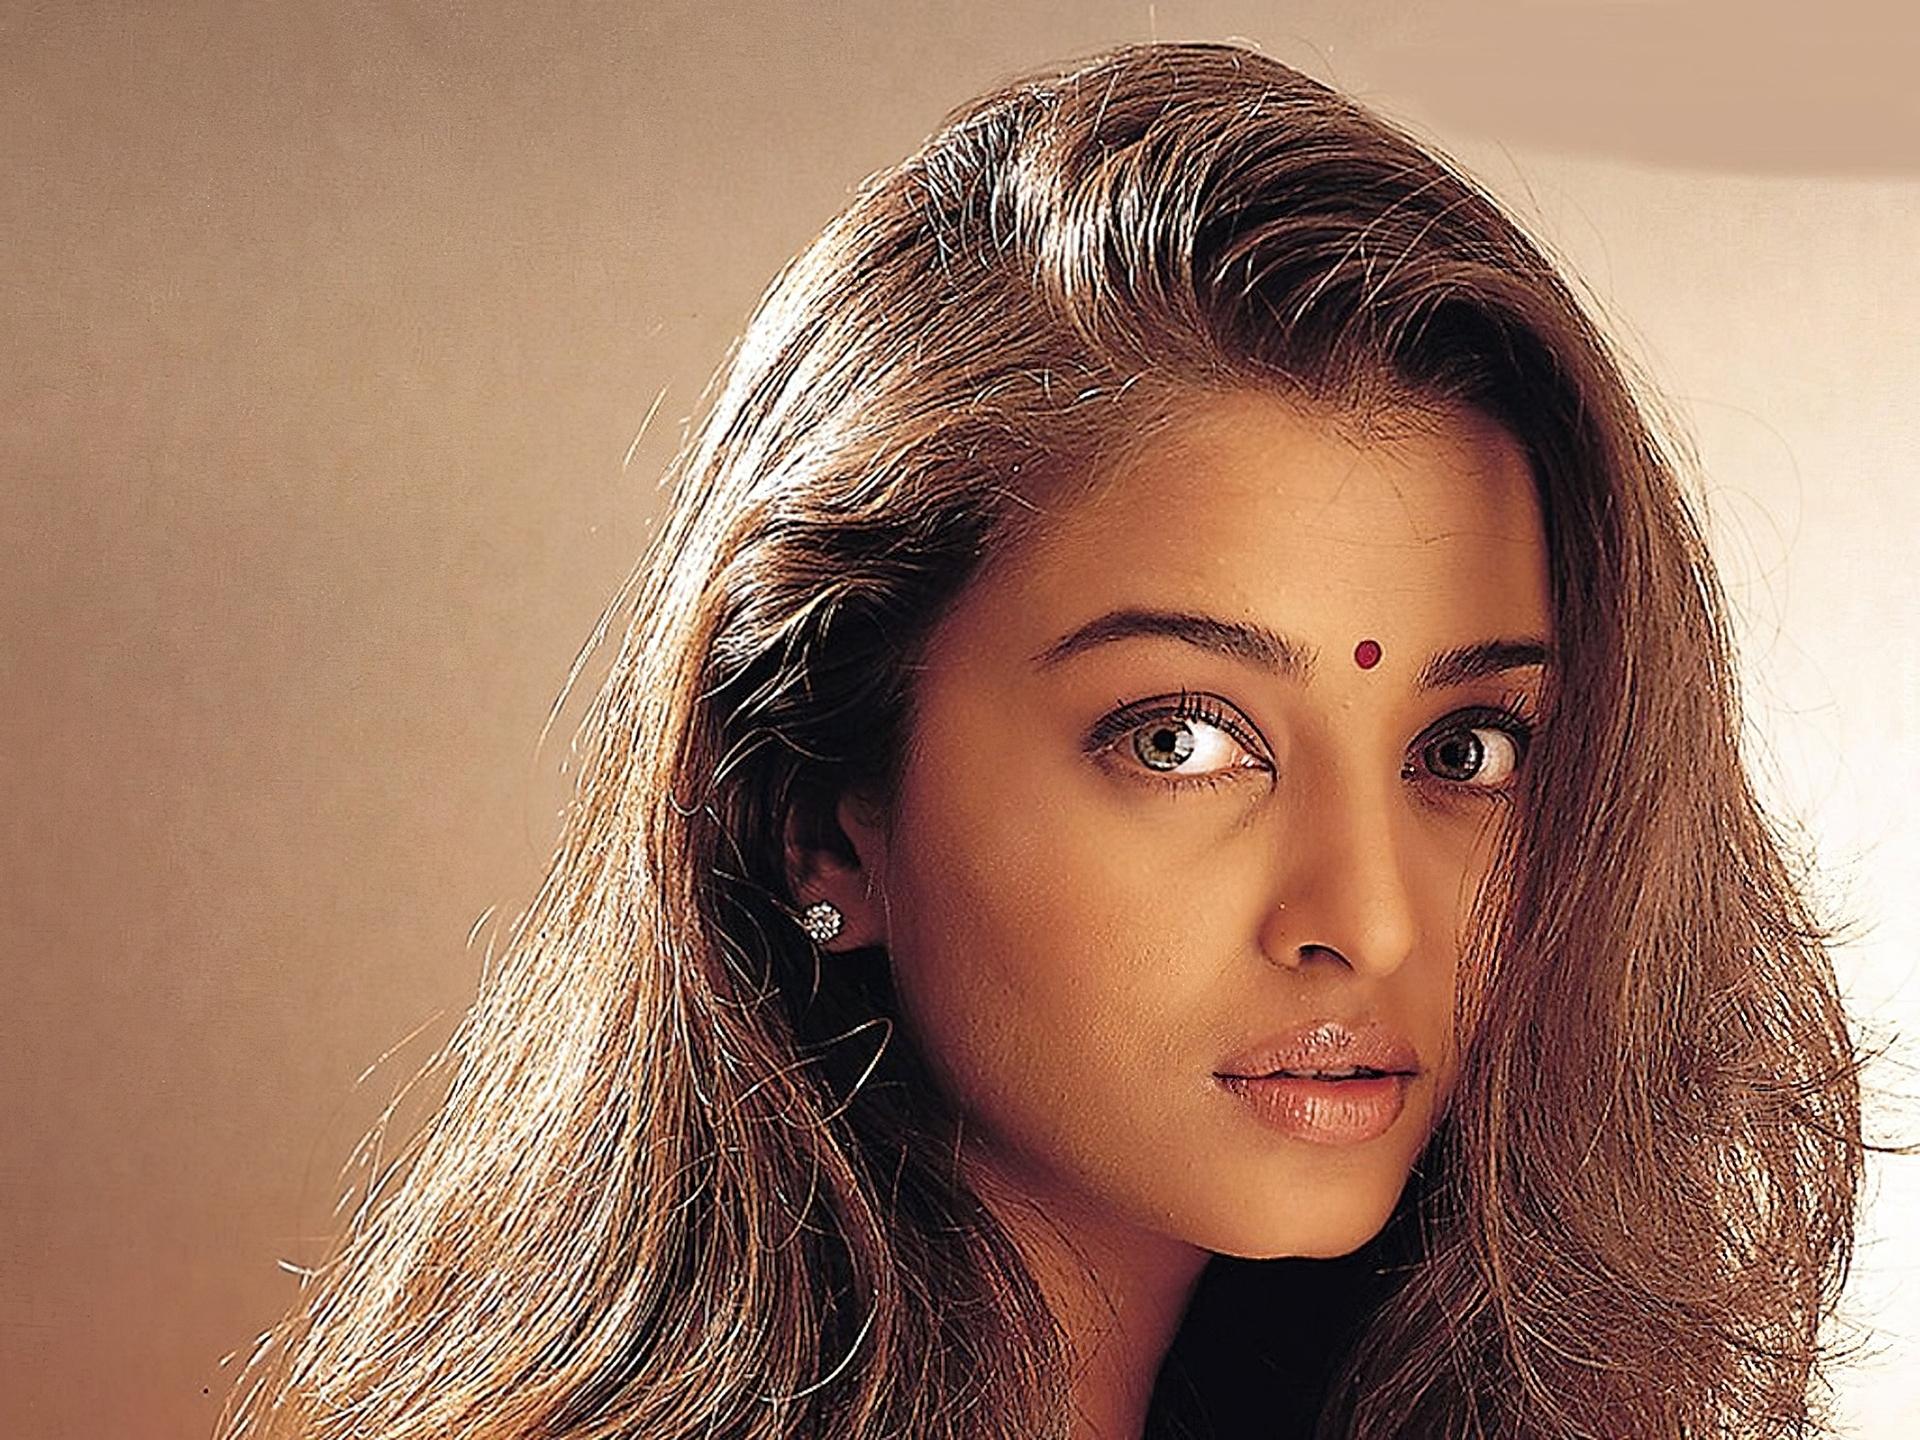 Смотреть онлайн бесплатно сестра индианка, Индийский фильм Сестры смотреть онлайн на русском 1 фотография